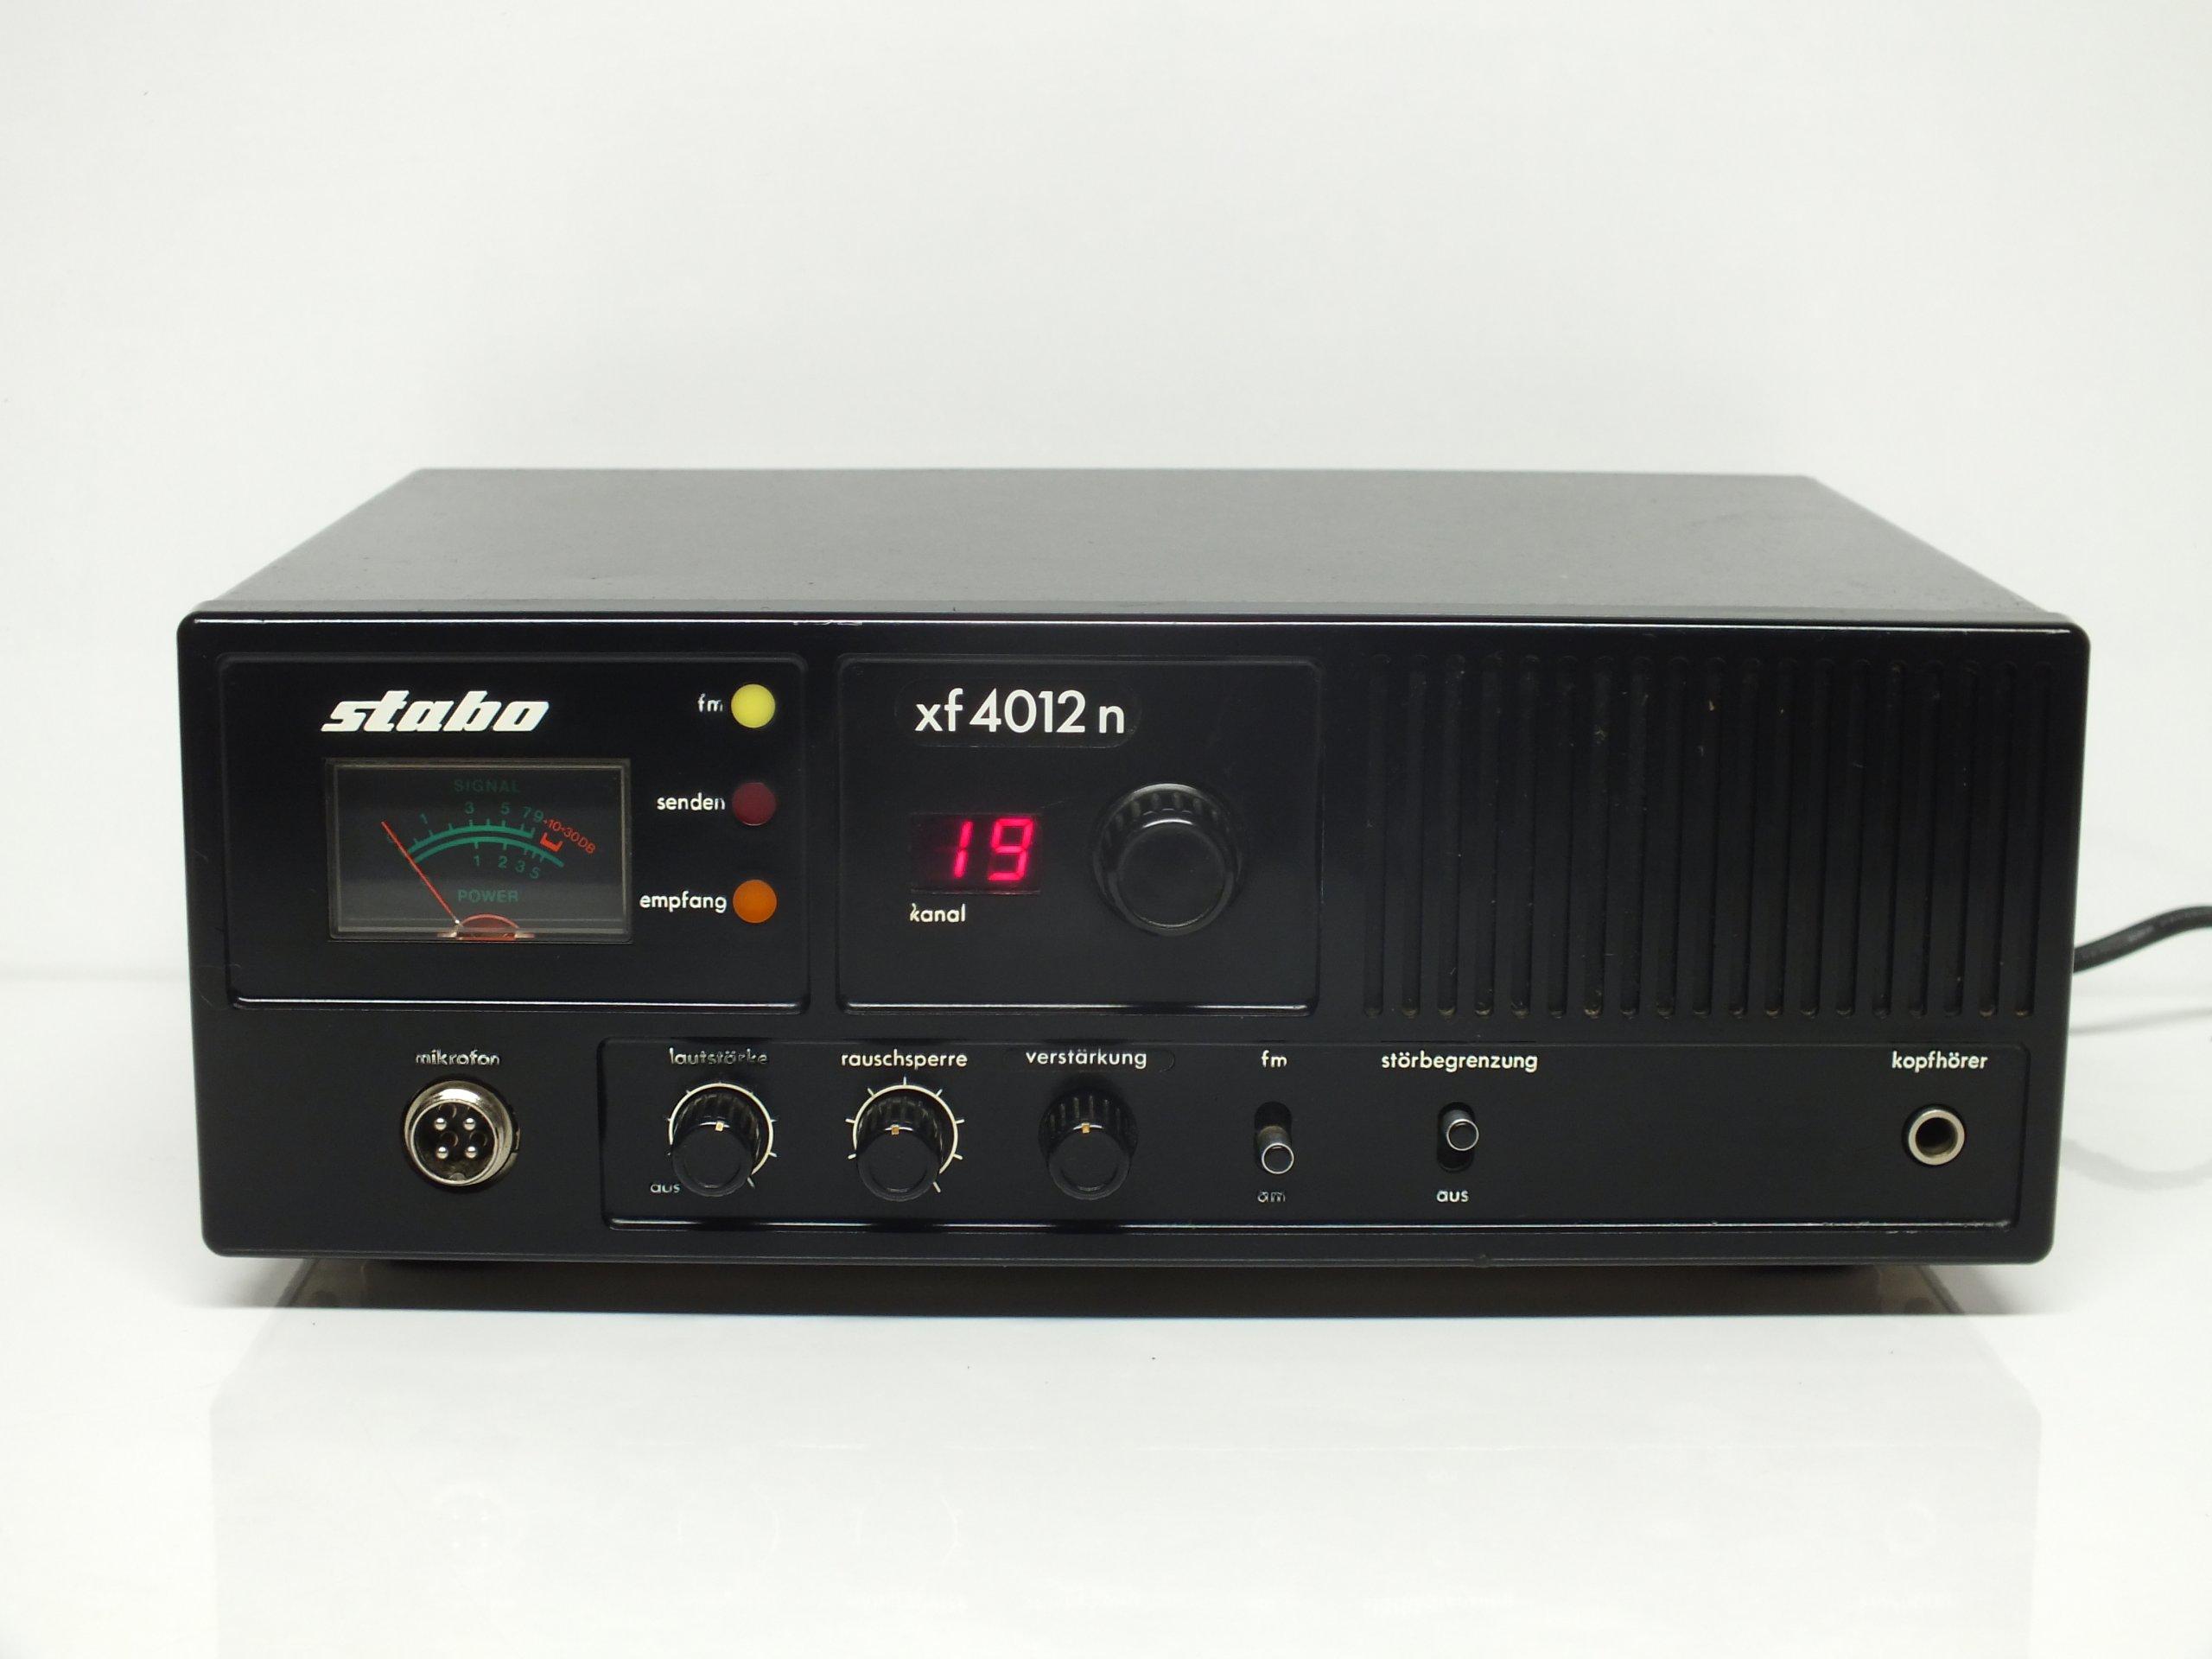 CB radio stacjonarne Stabo xf4012n Paragon